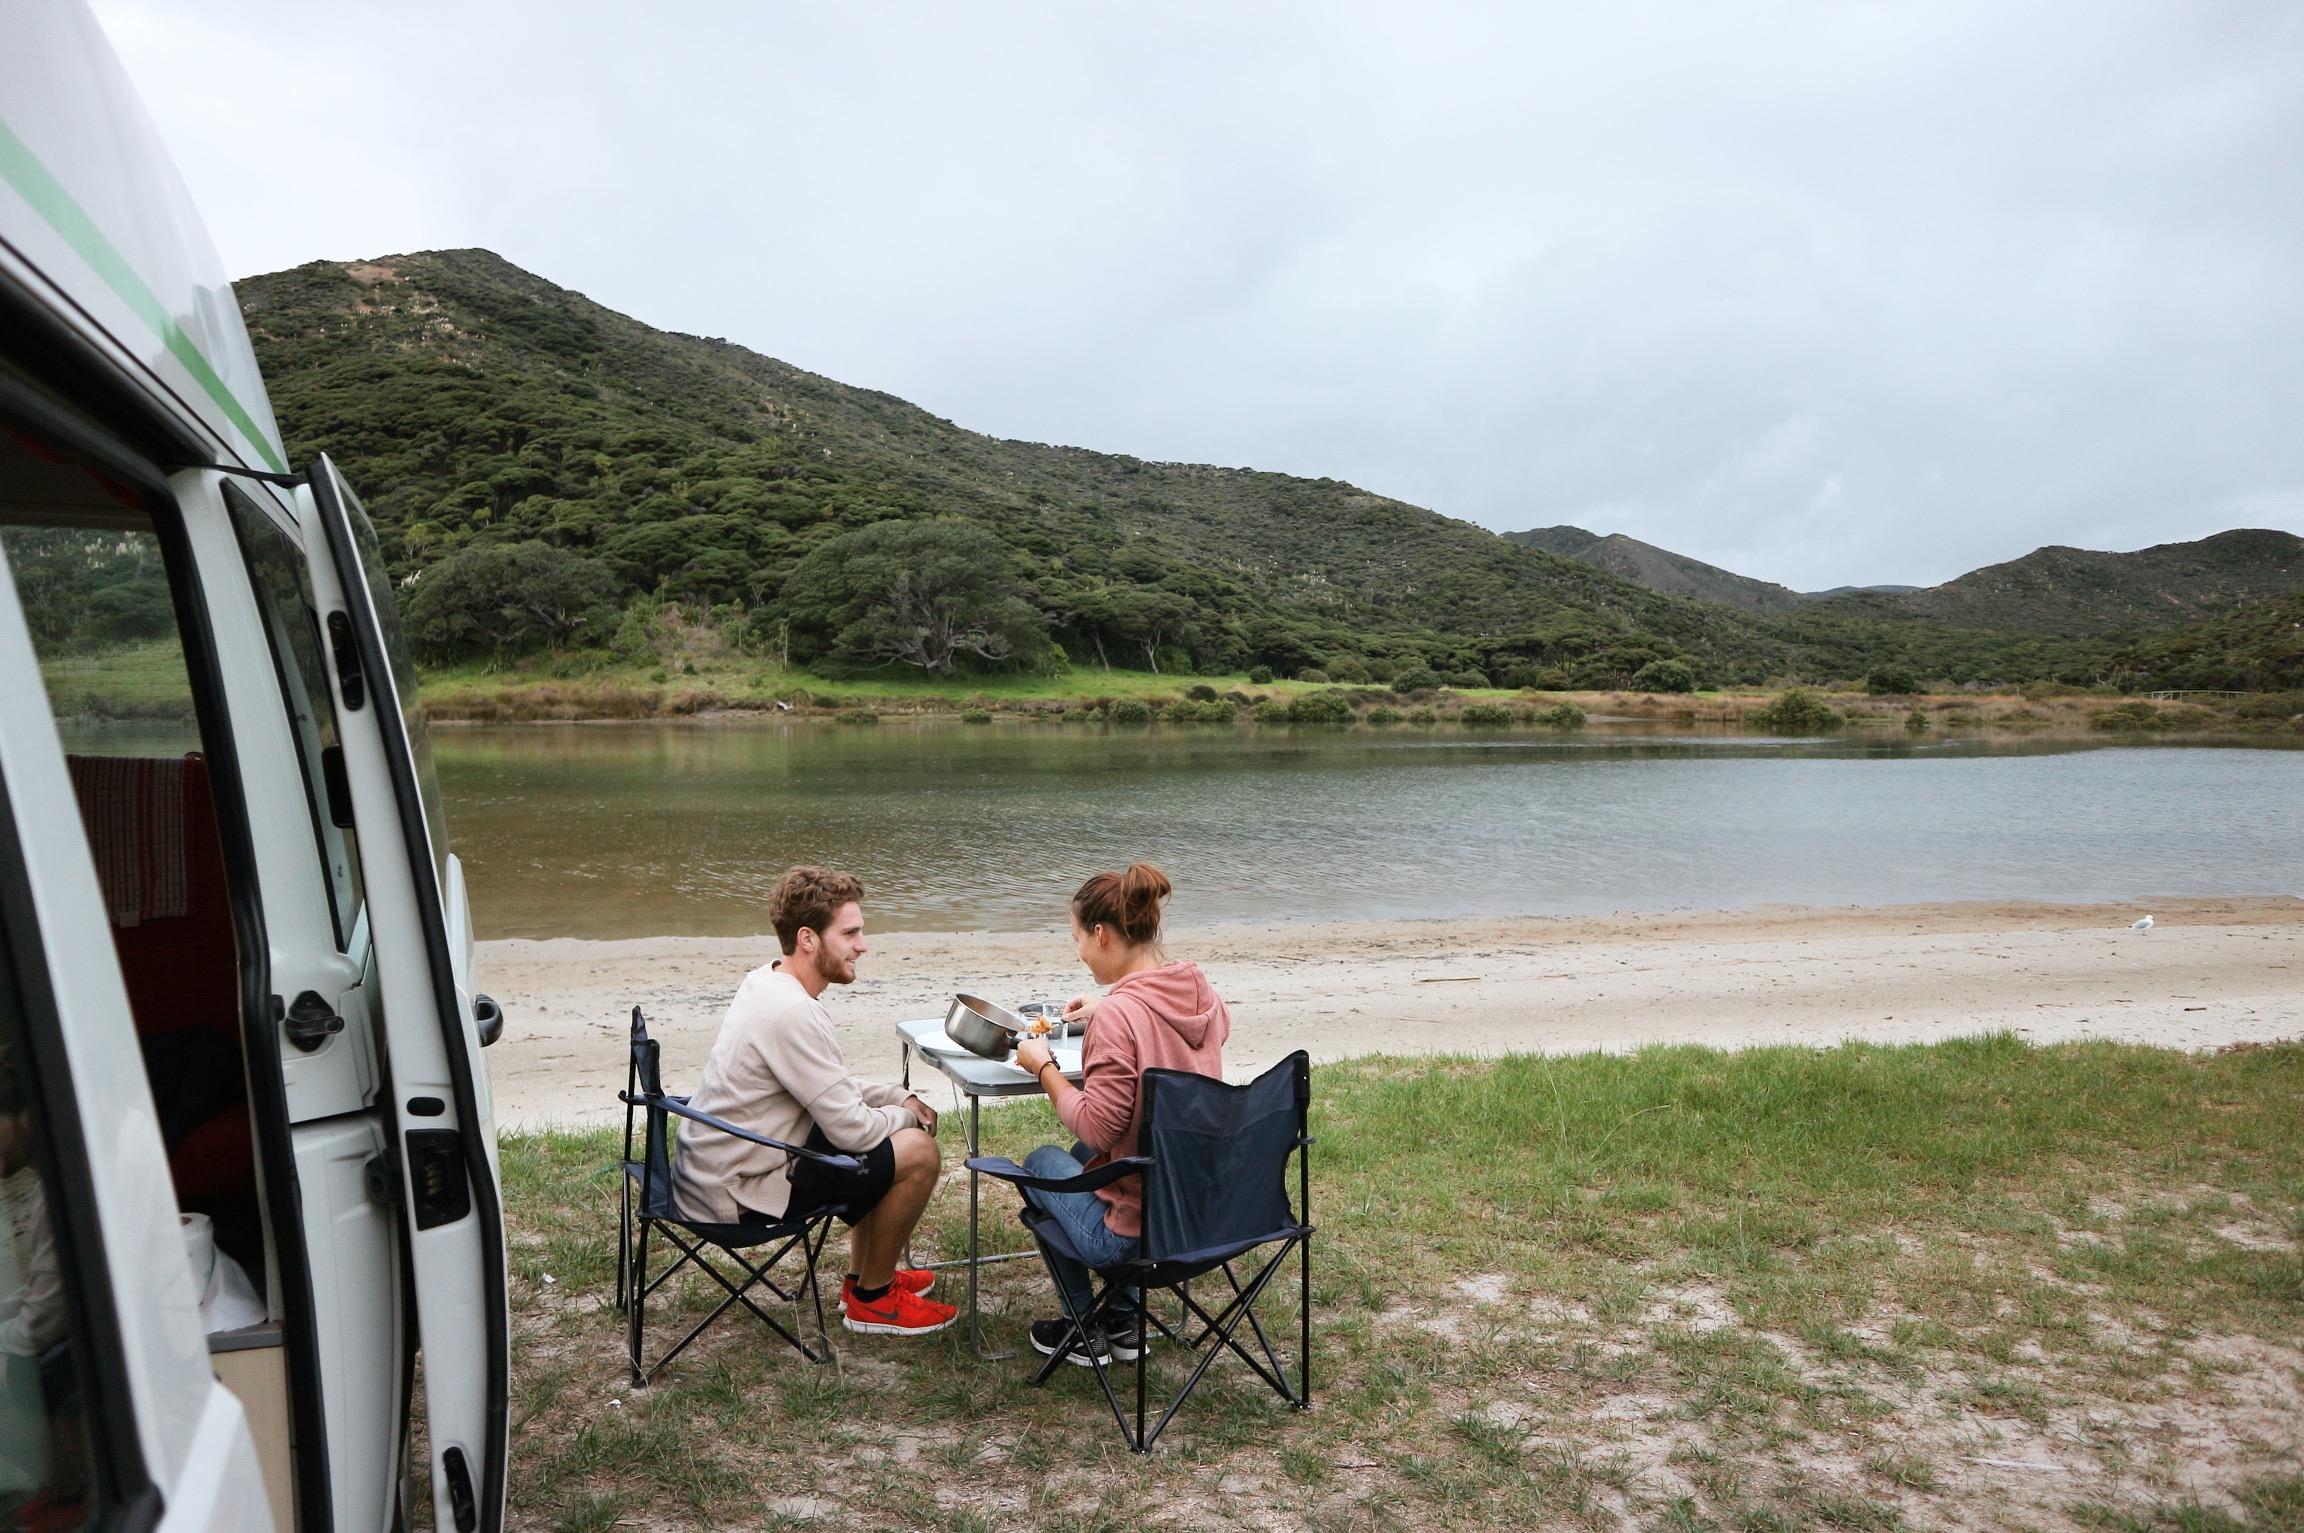 Nieuw-zeeland, northland, camper, nieuw-zeeland, reizen, wereldreis, wanderlust, kamperen, blogger